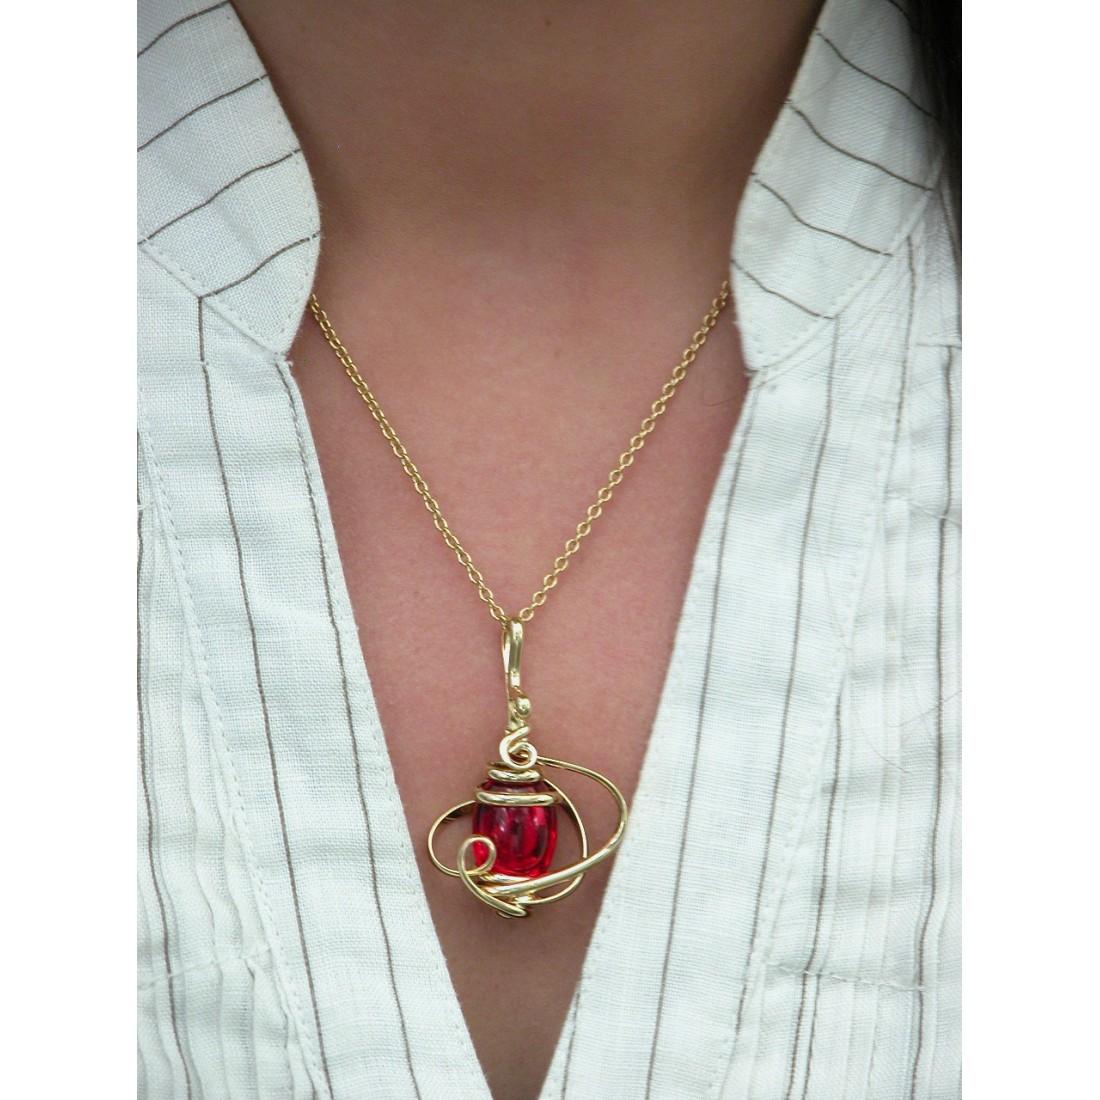 Petit pendentif doré fait main, rouge rubis.